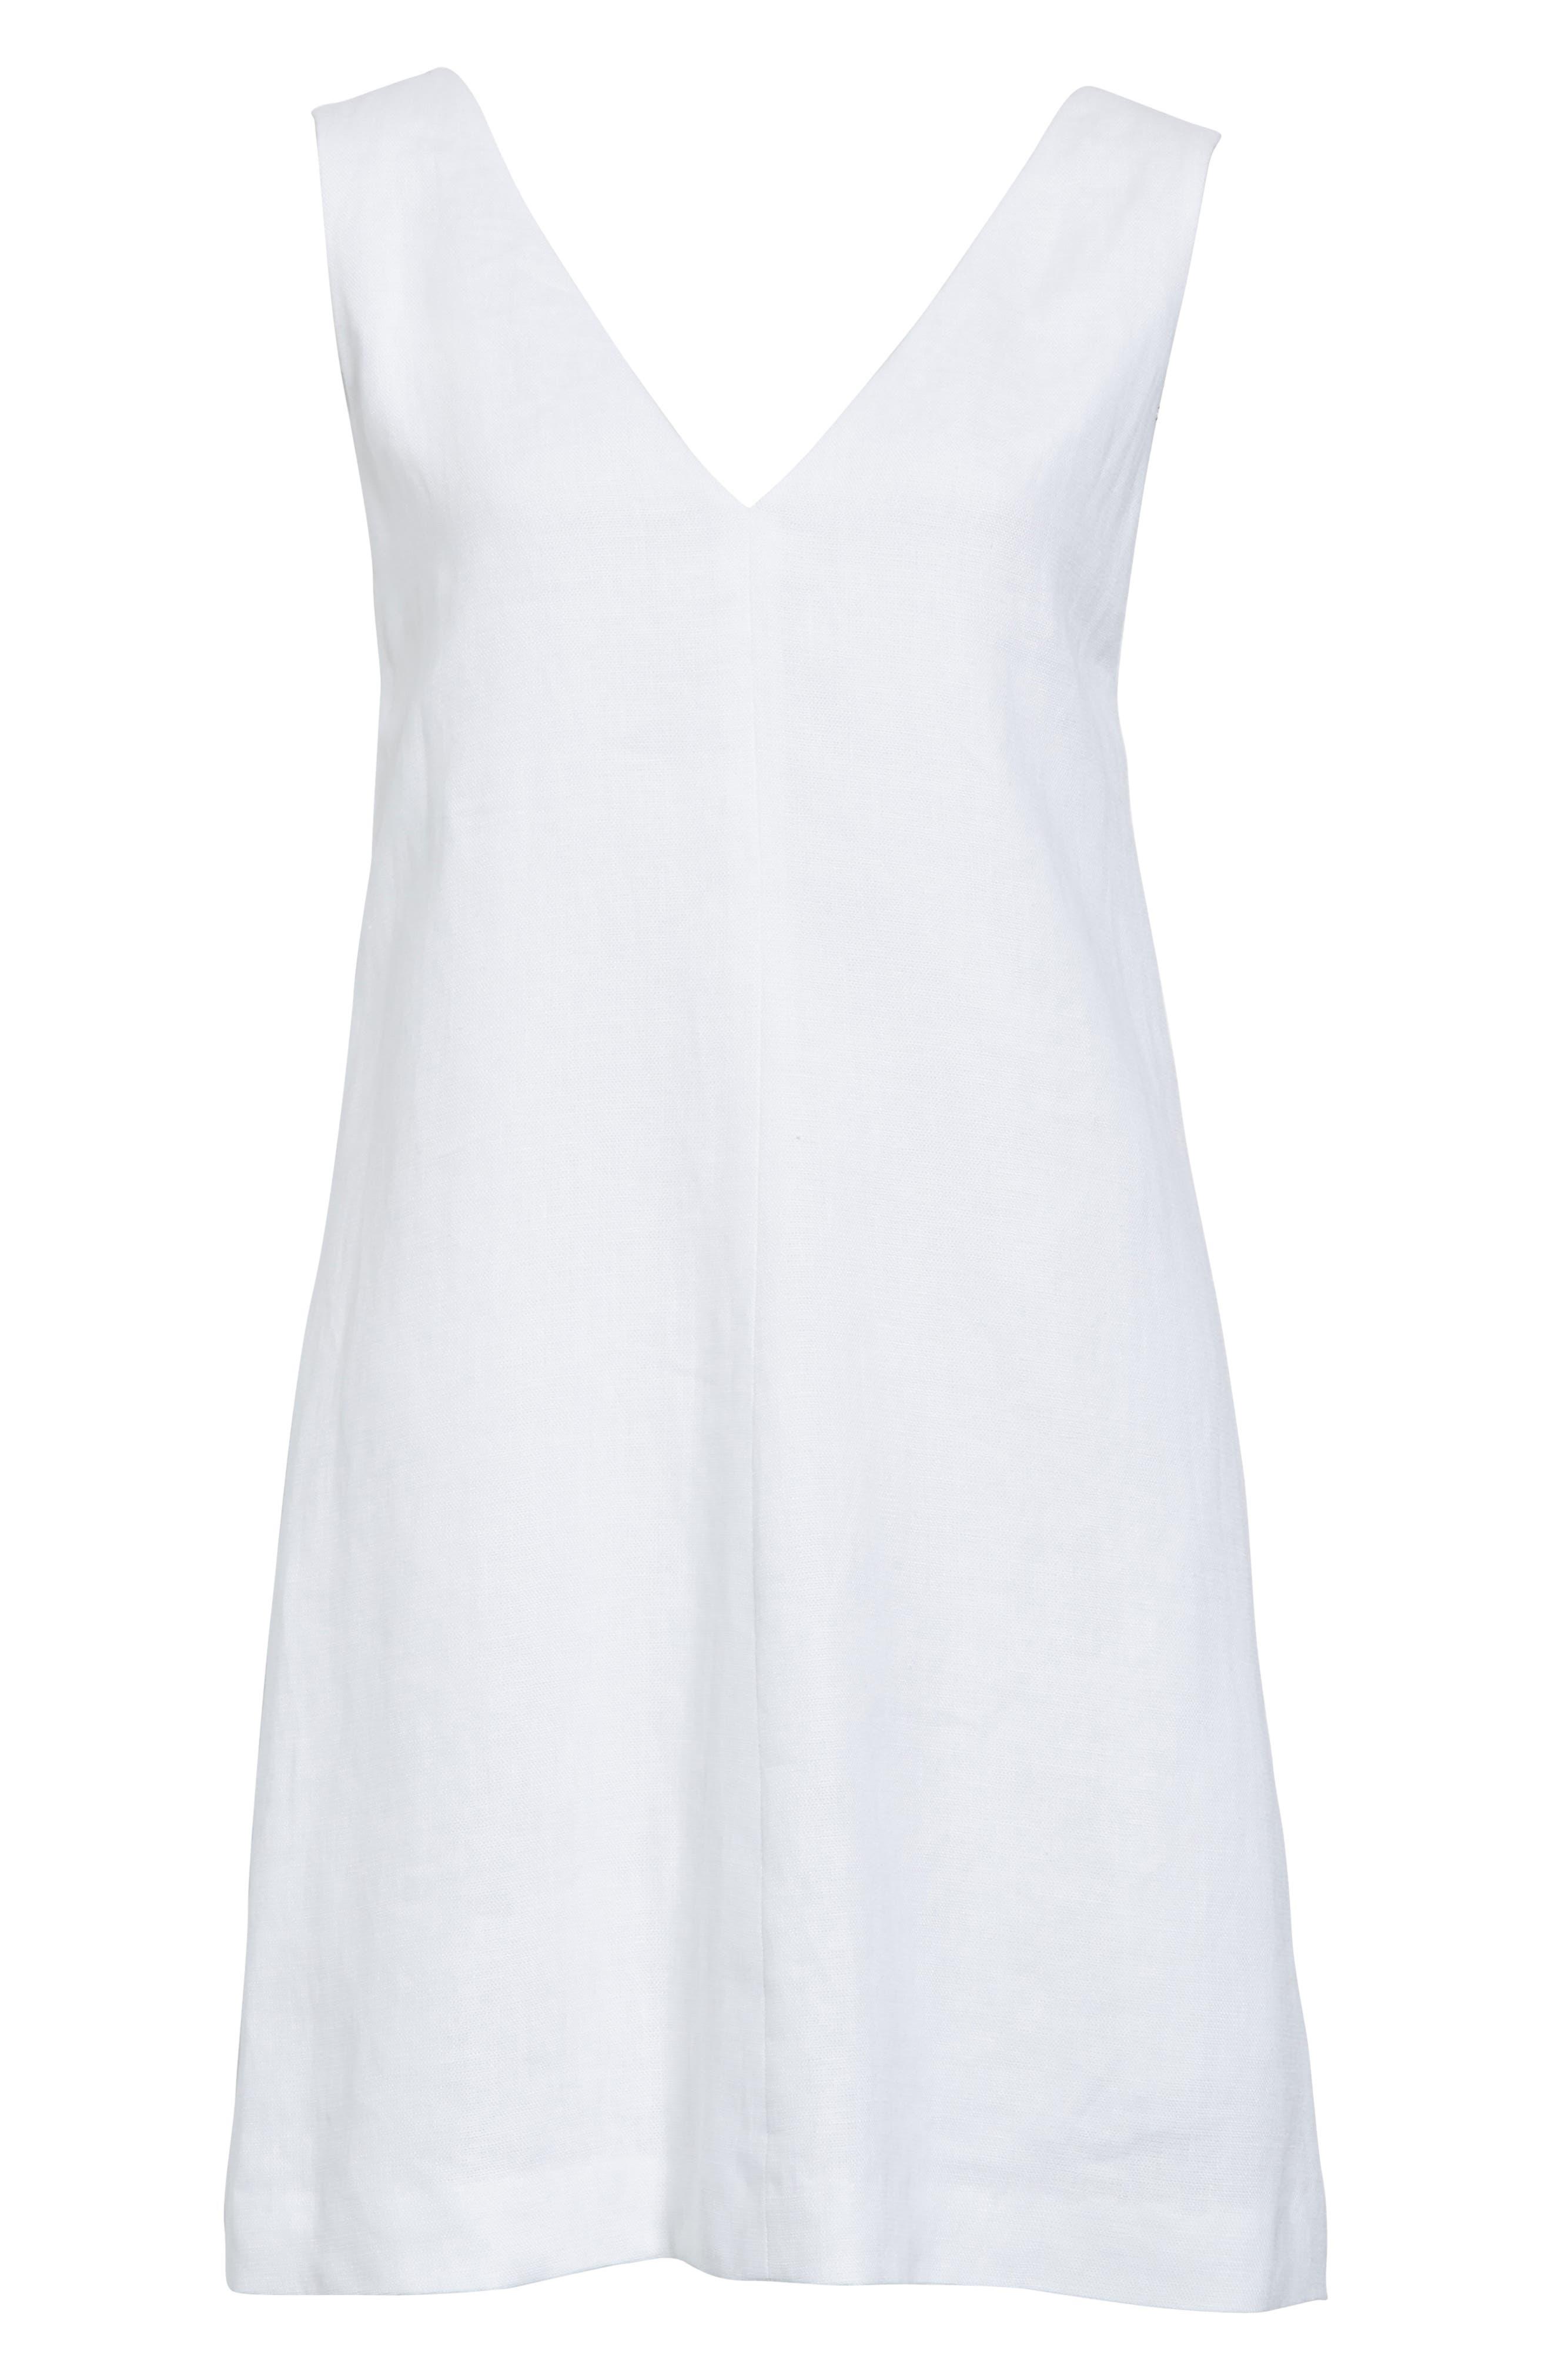 Linen Shift Dress,                             Alternate thumbnail 6, color,                             White